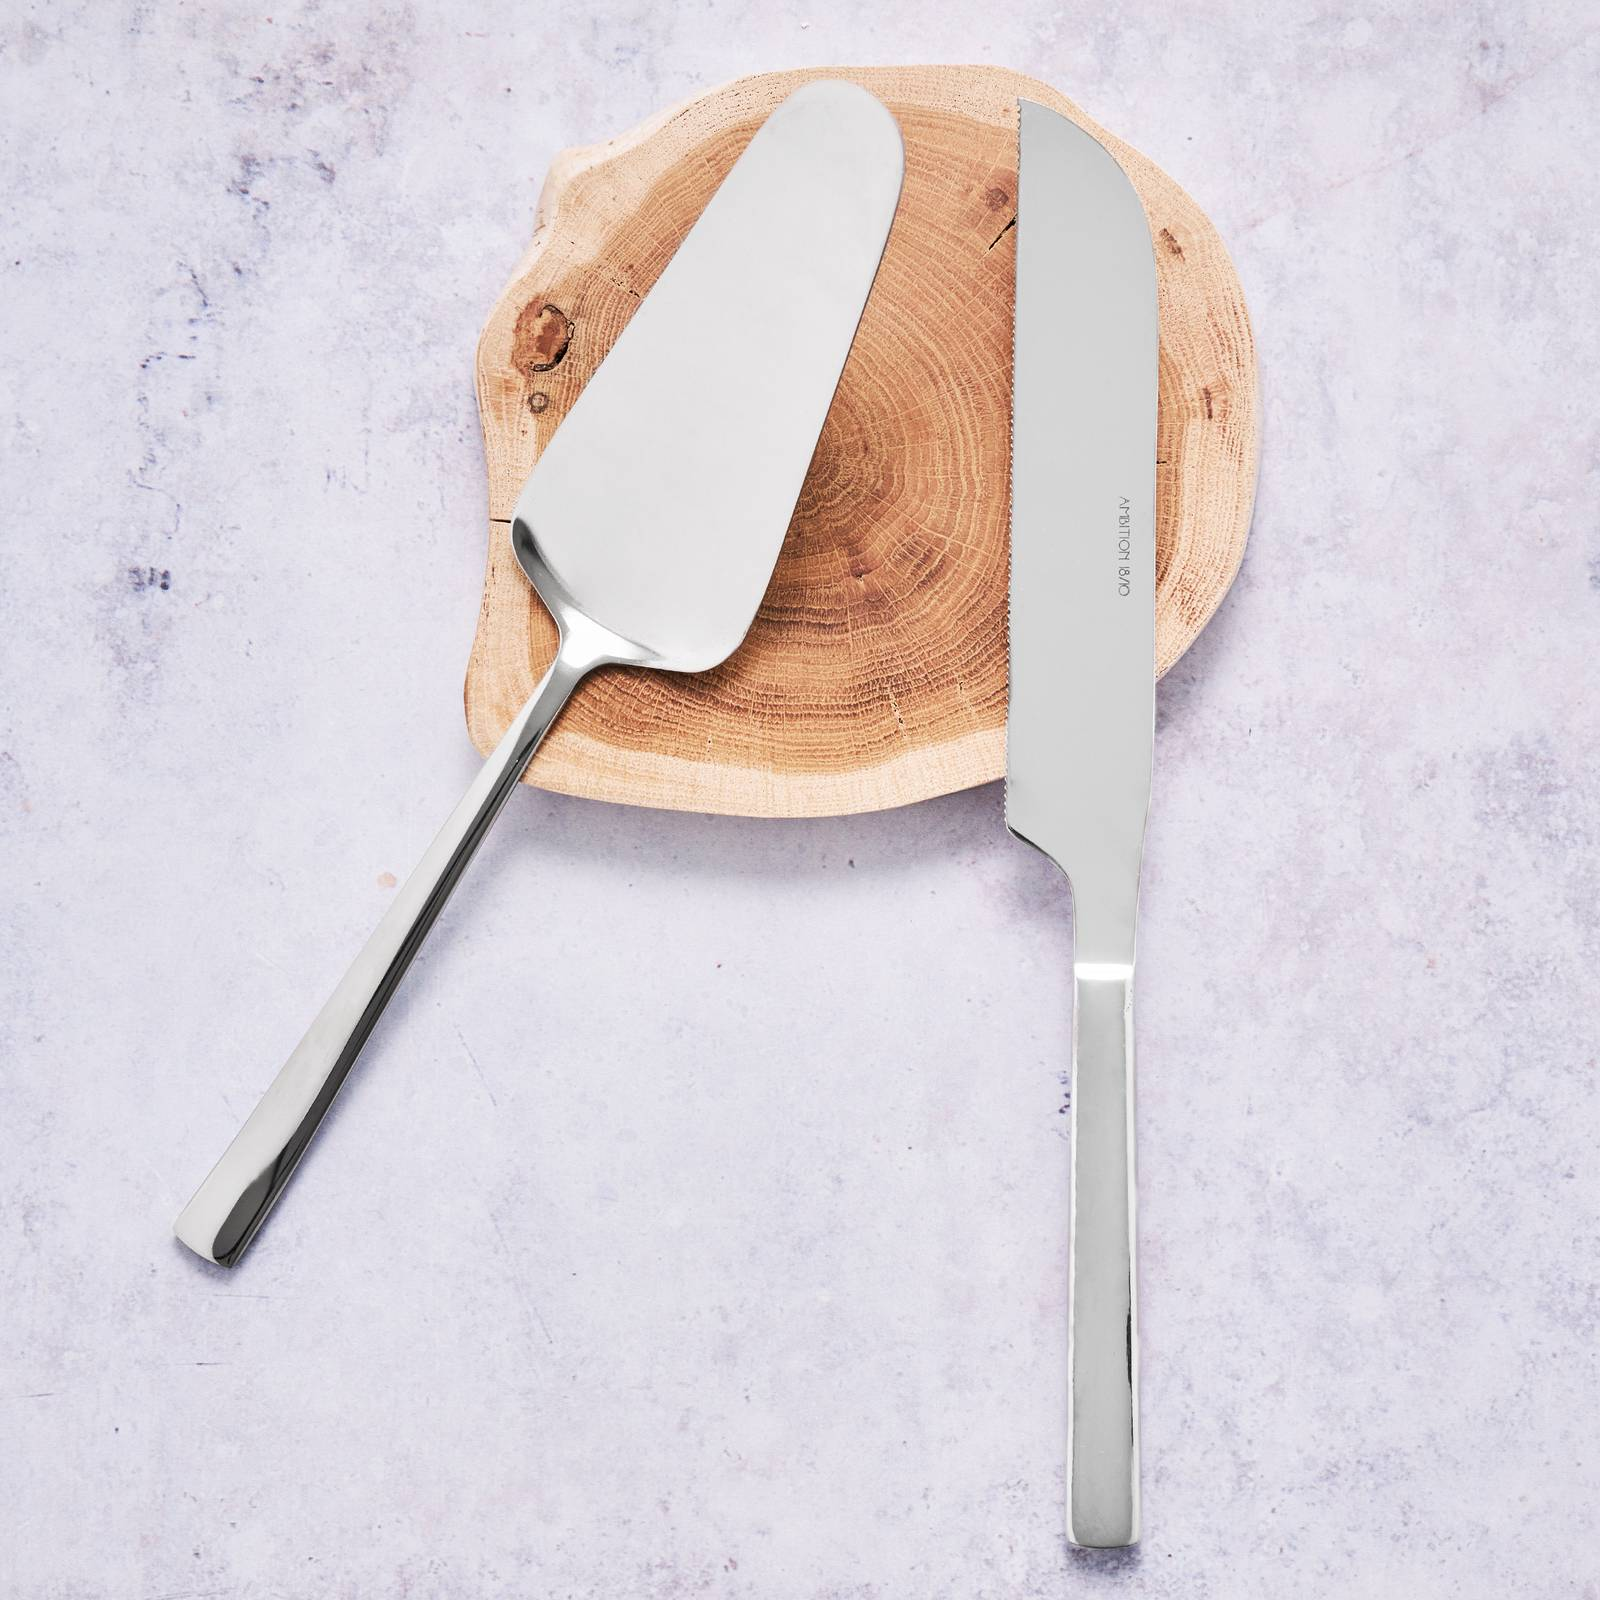 Dezertní sada Prato 2-dielna lopatka + nôž AMBITION